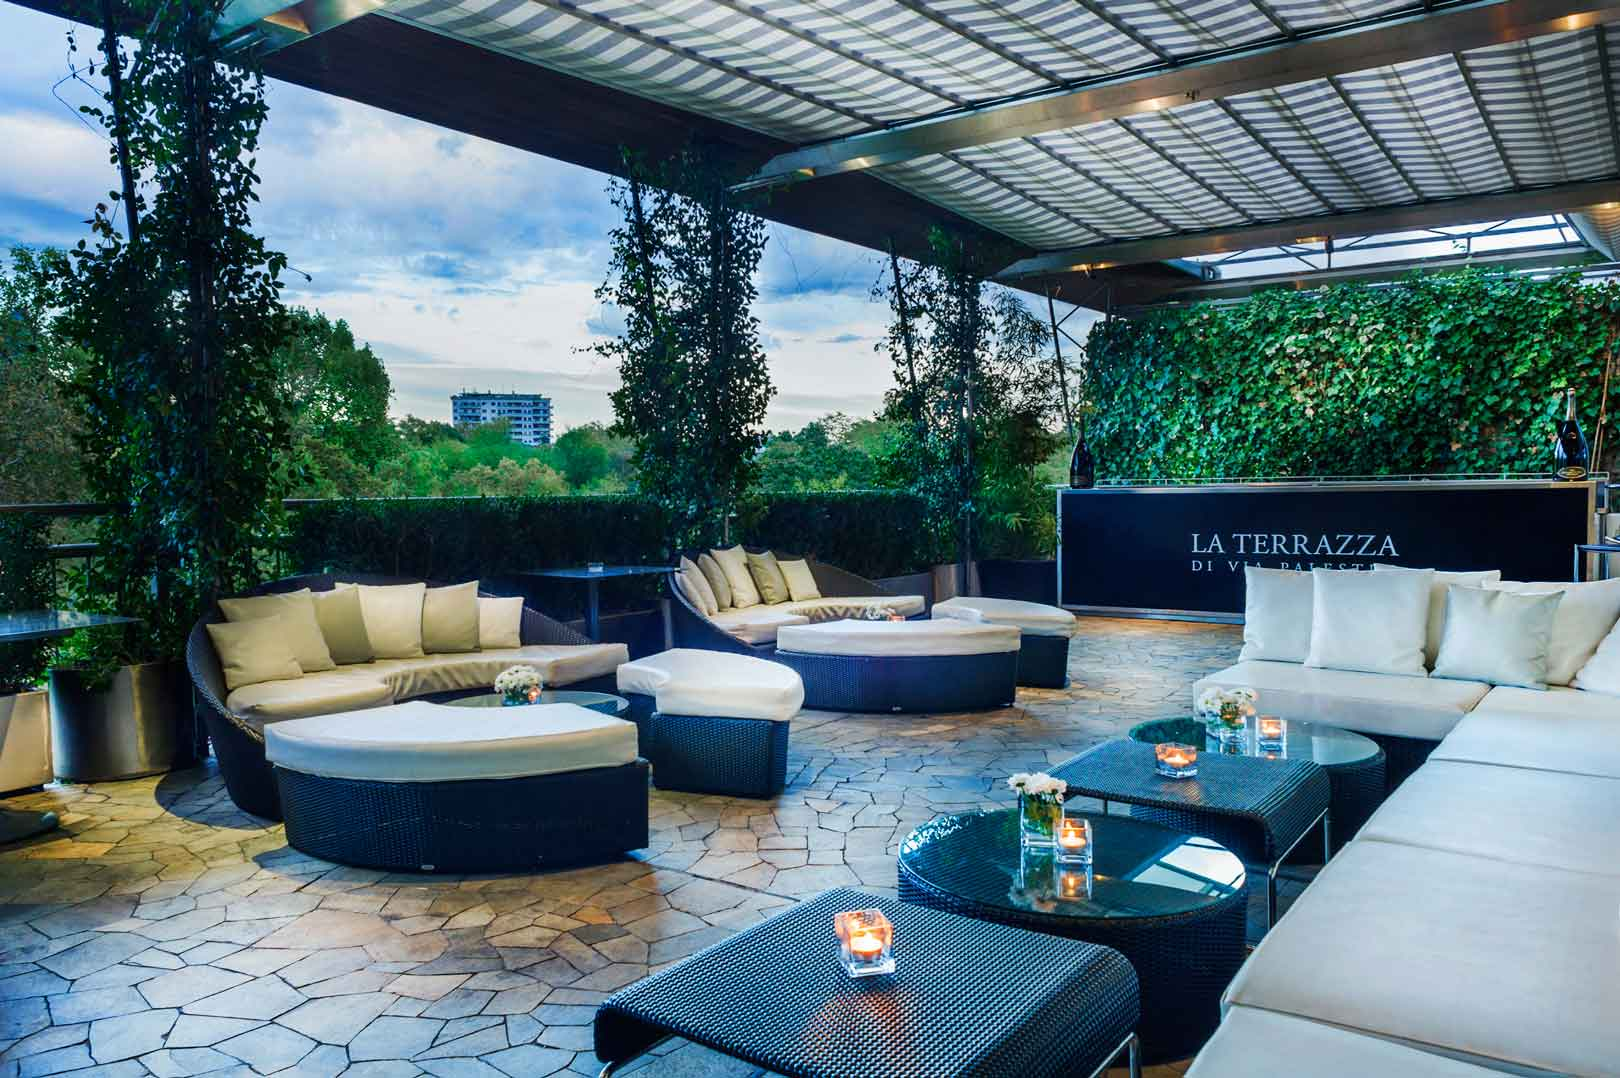 La terrazza di via palestro flawless milano - Terrazzi di design ...